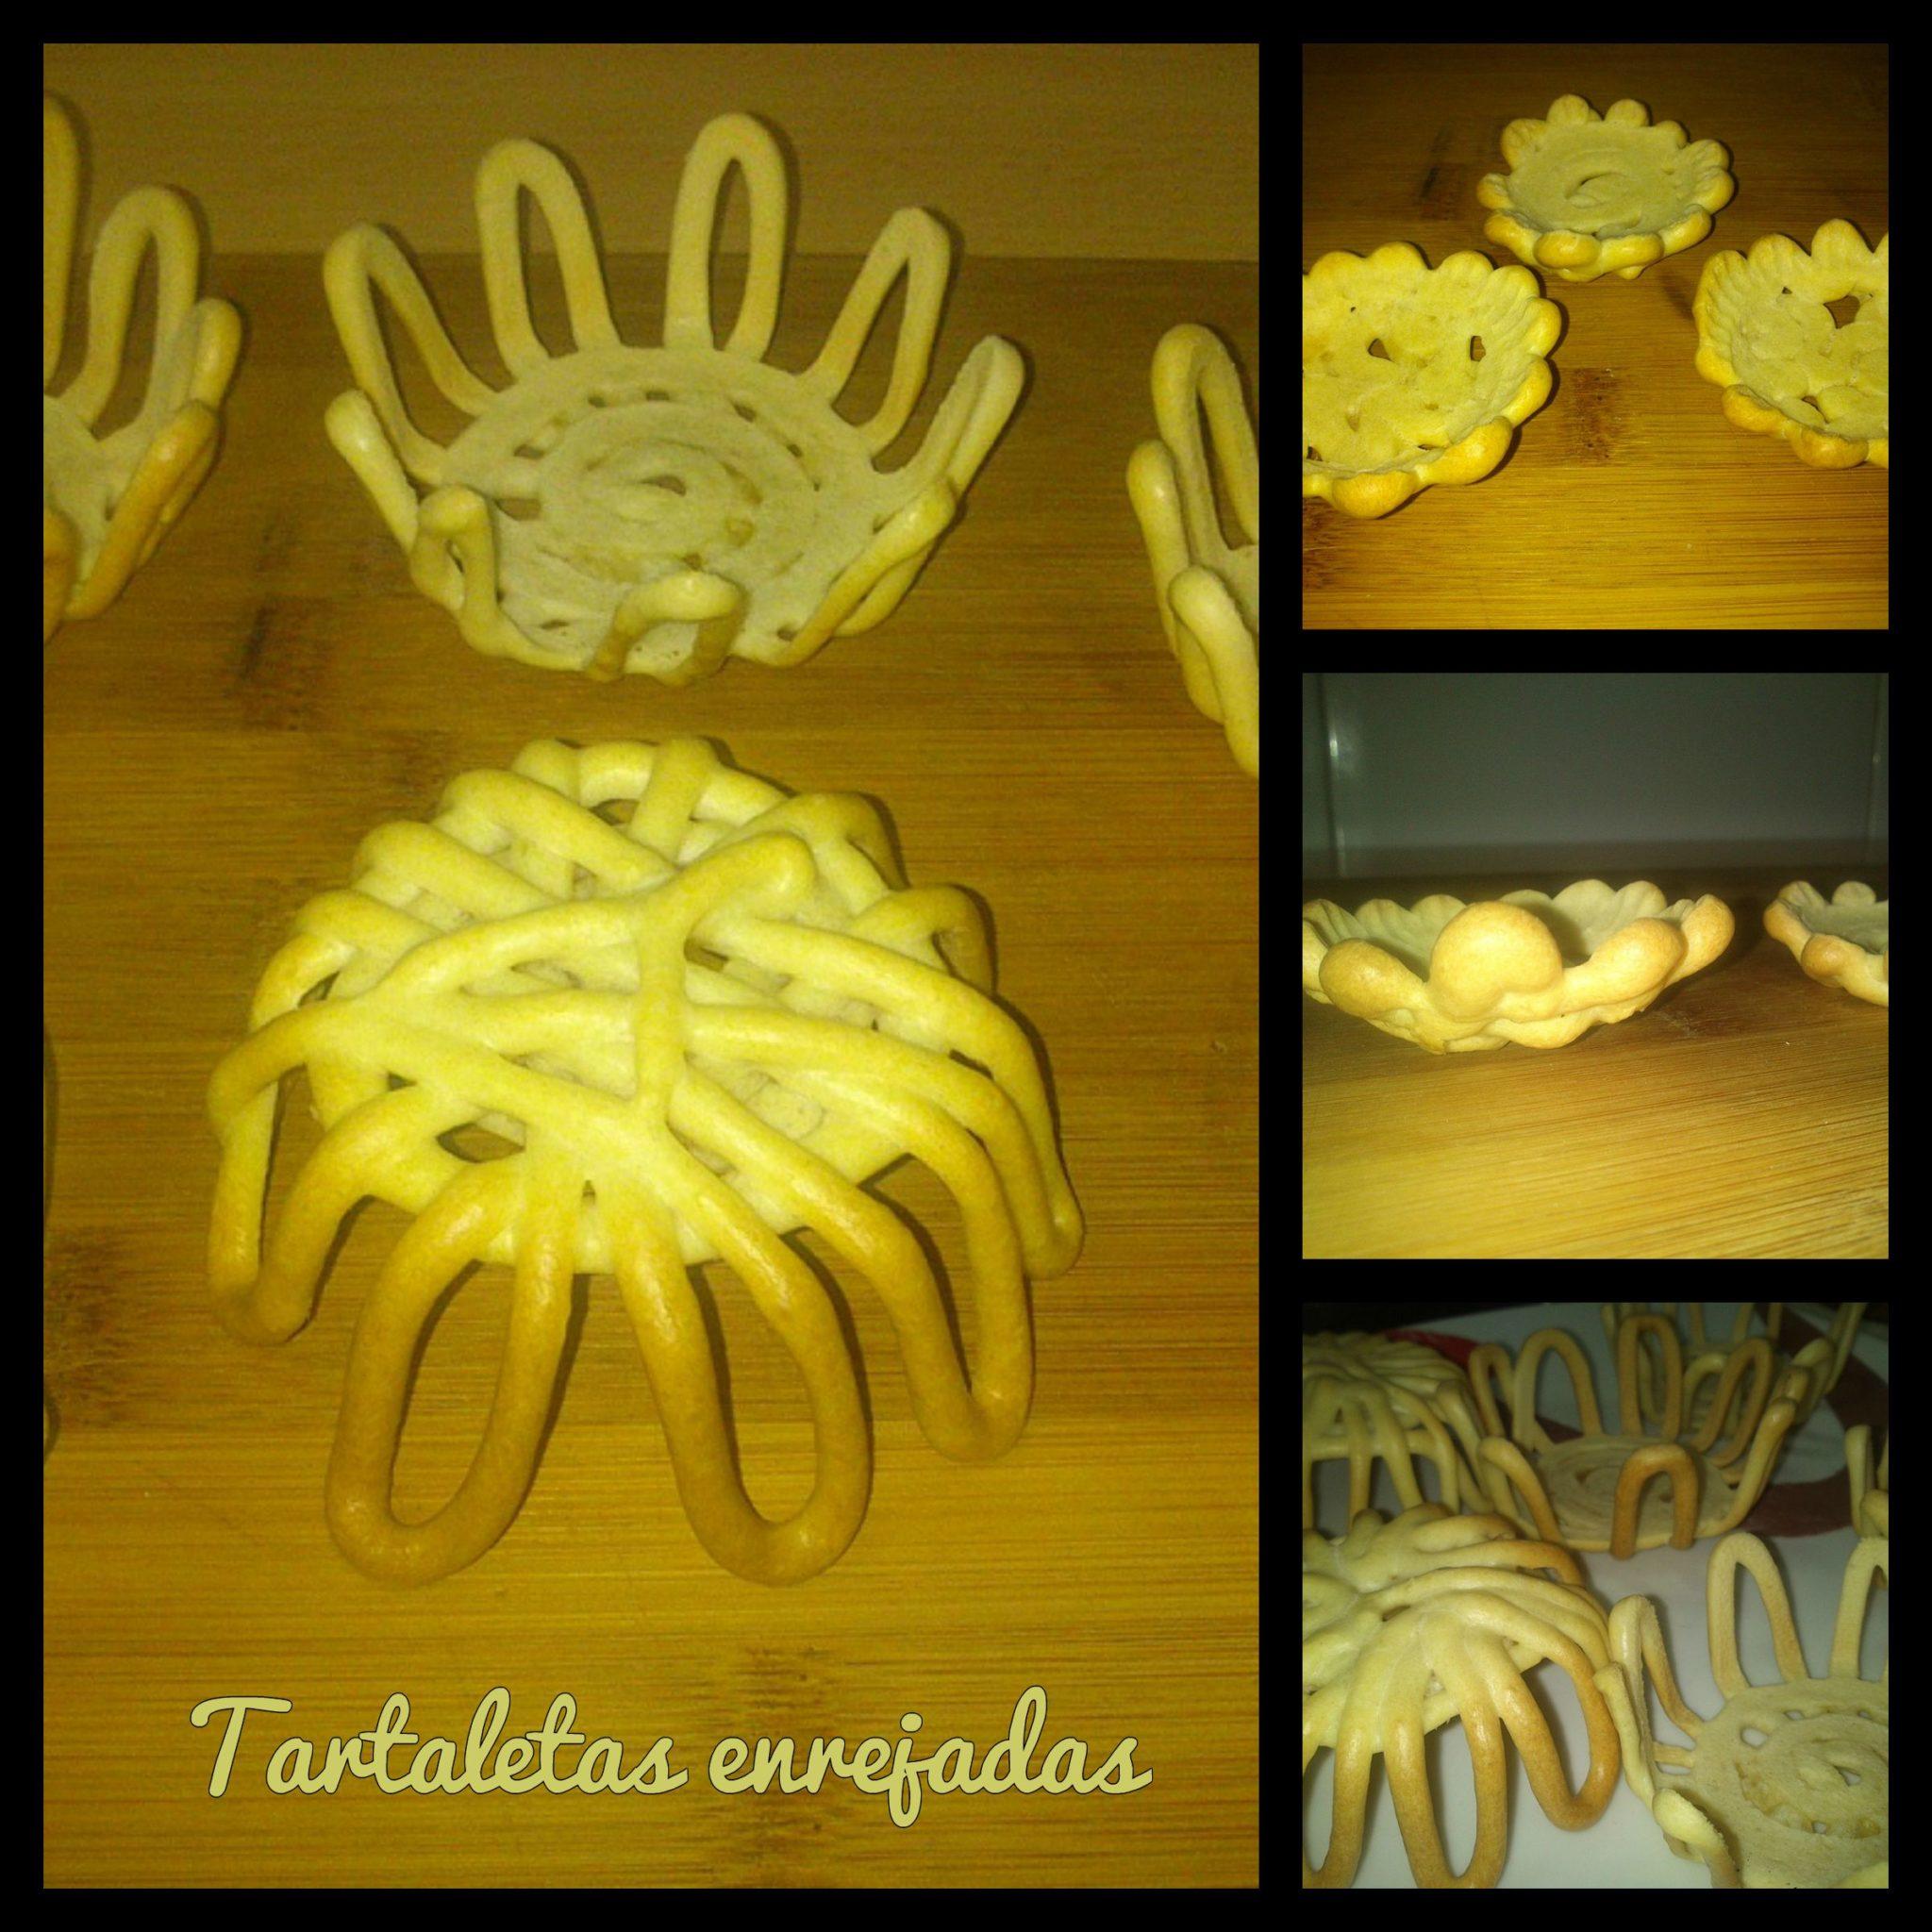 Tartaletas enrejadas